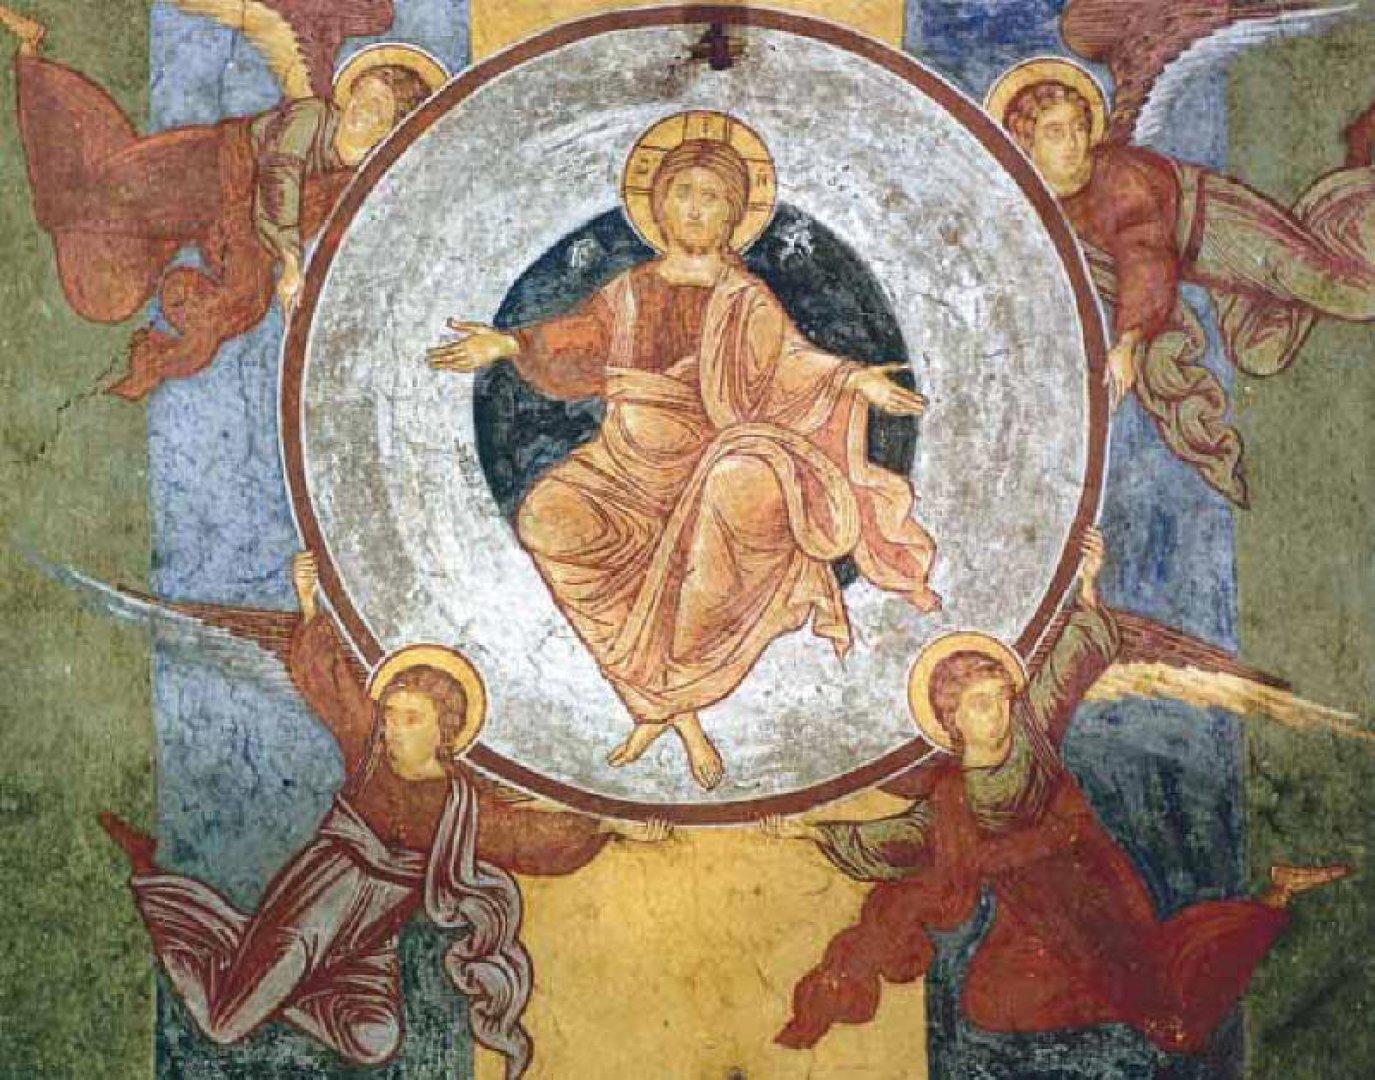 Възнесение Господне се празнува 40 дни след Възкресение Христово